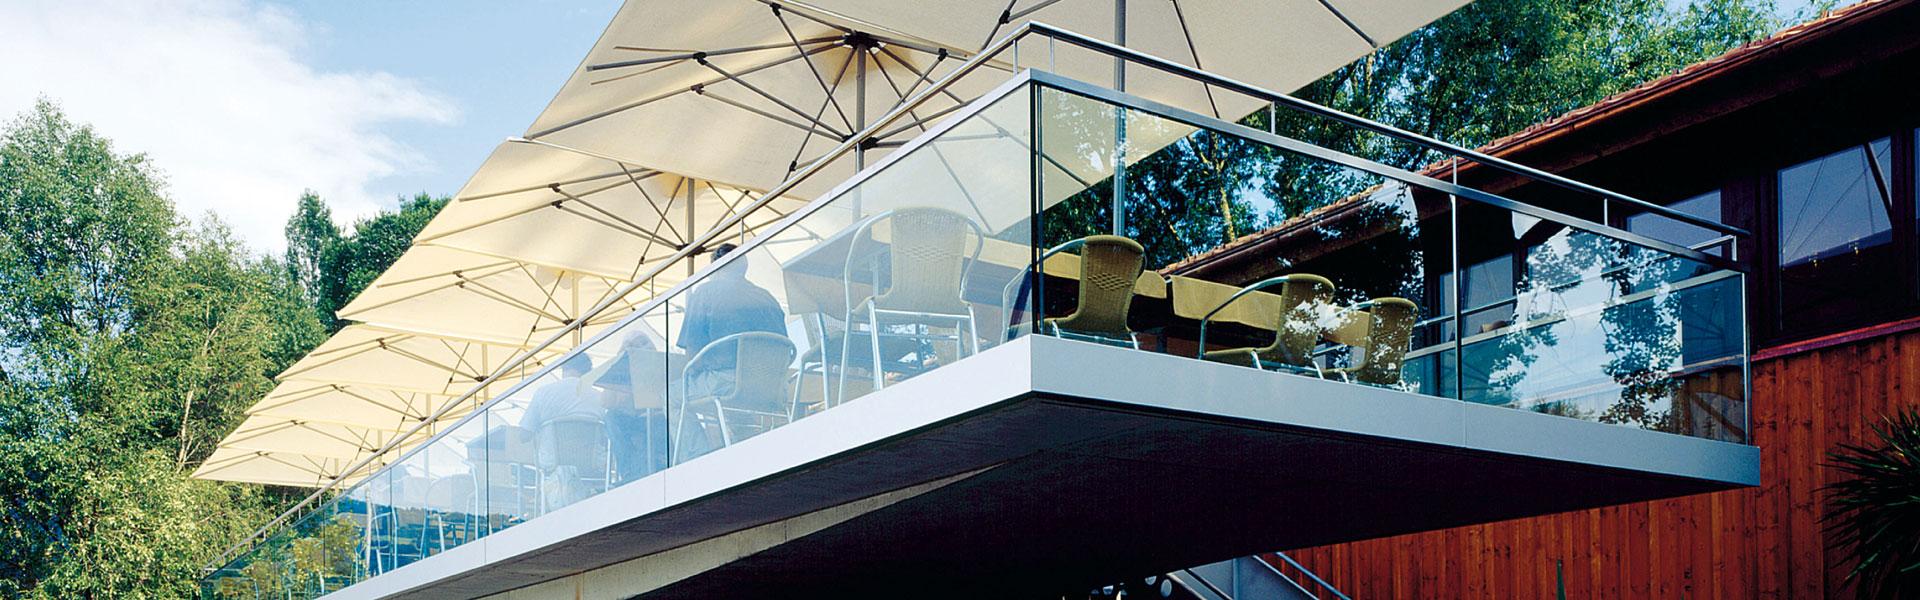 Glaserei Winkler München Balkonverglasung & Terrassenüberdachung